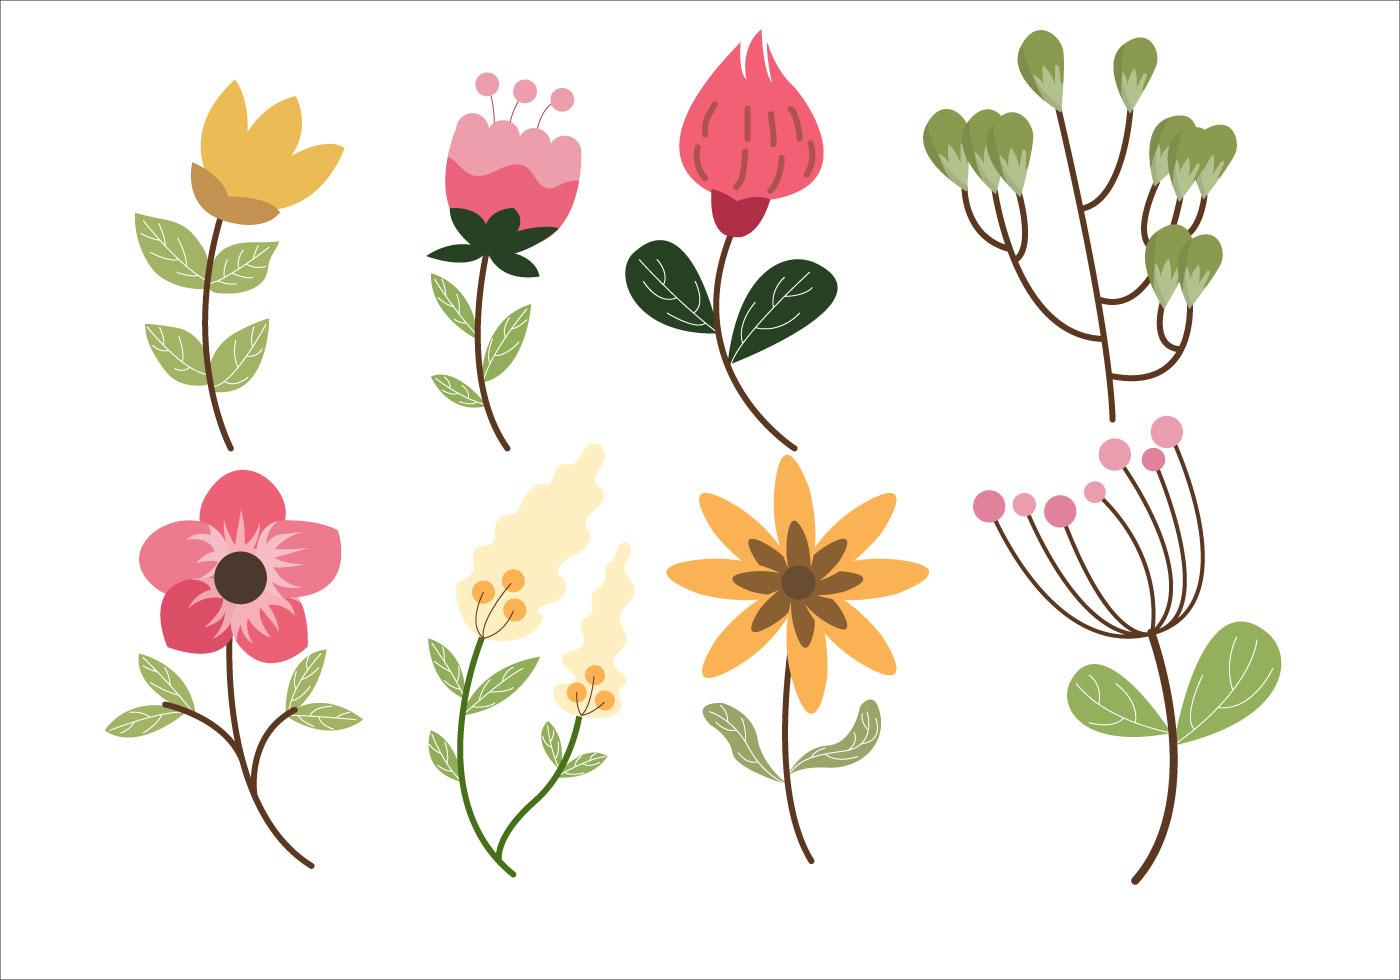 Fleur Feuille Clipart Set Illustration Vectorielle Telecharger Vectoriel Gratuit Clipart Graphique Vecteur Dessins Et Pictogramme Gratuit